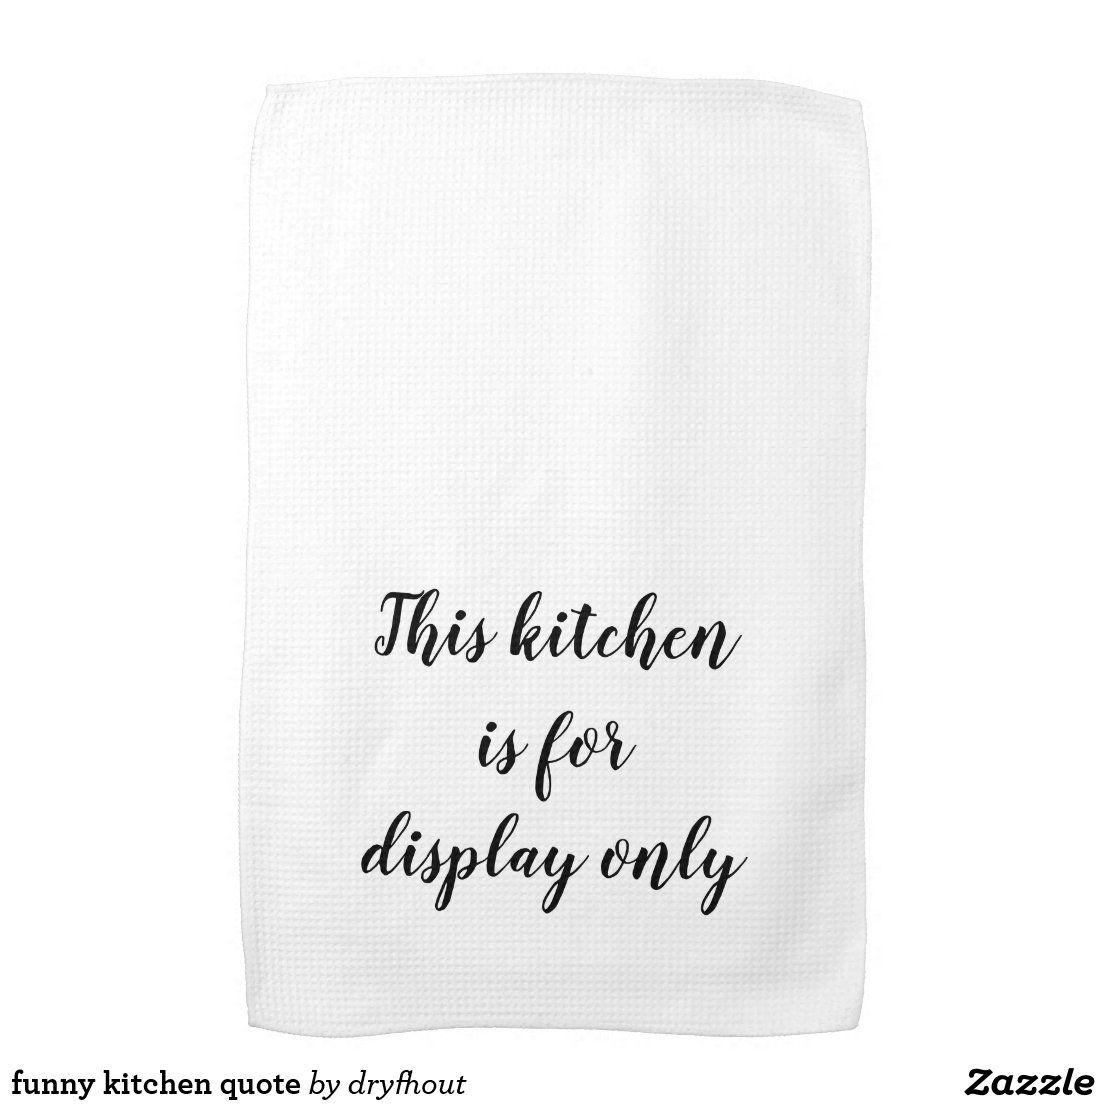 Funny Kitchen Quote Towel Zazzle Com In 2021 Kitchen Quotes Funny Kitchen Humor Funny Tea Towels